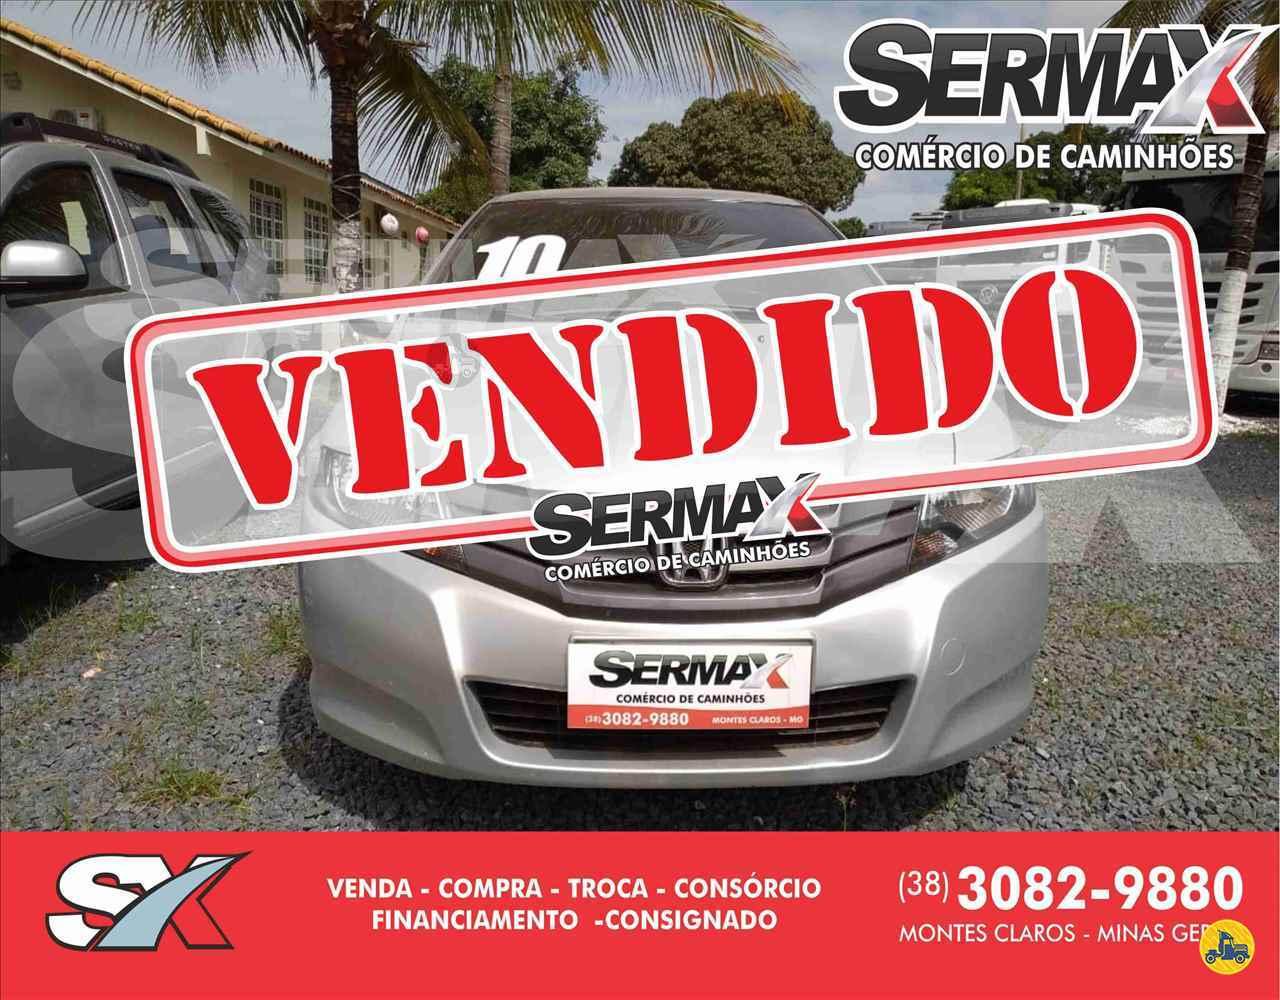 City 1.5 LX de Sermax Caminhões - MONTES CLAROS/MG